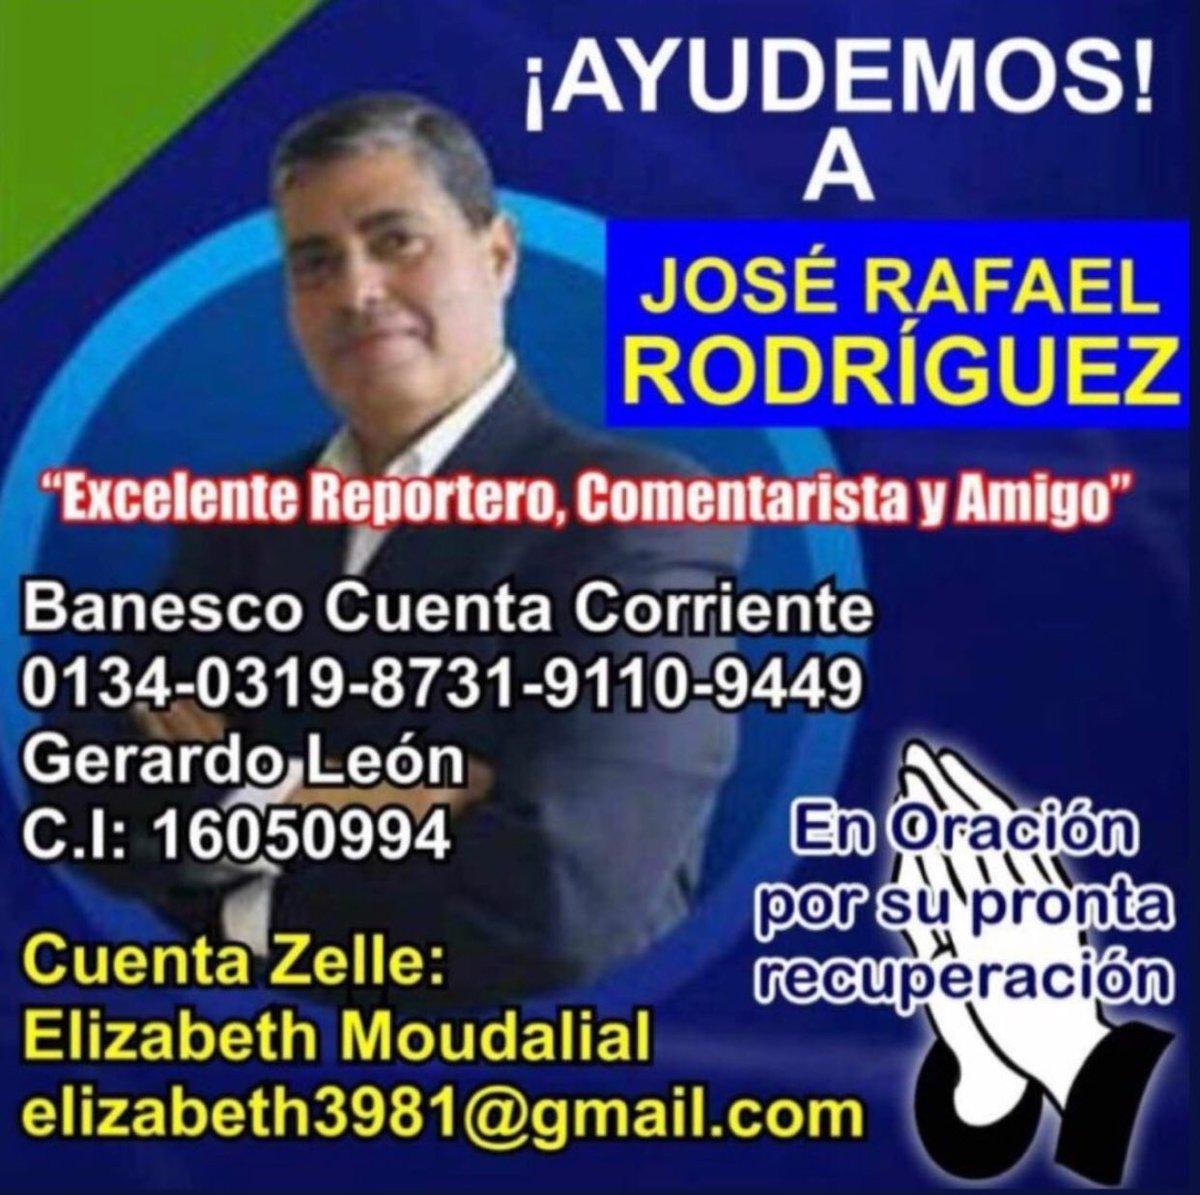 Mi buen amigo y colega José Rafael Rodríguez necesita de nosotros en estos momentos de dificultad ¡Cualquier colaboración es bien recibida! 🙏❤️ https://t.co/4mocwEFJM6